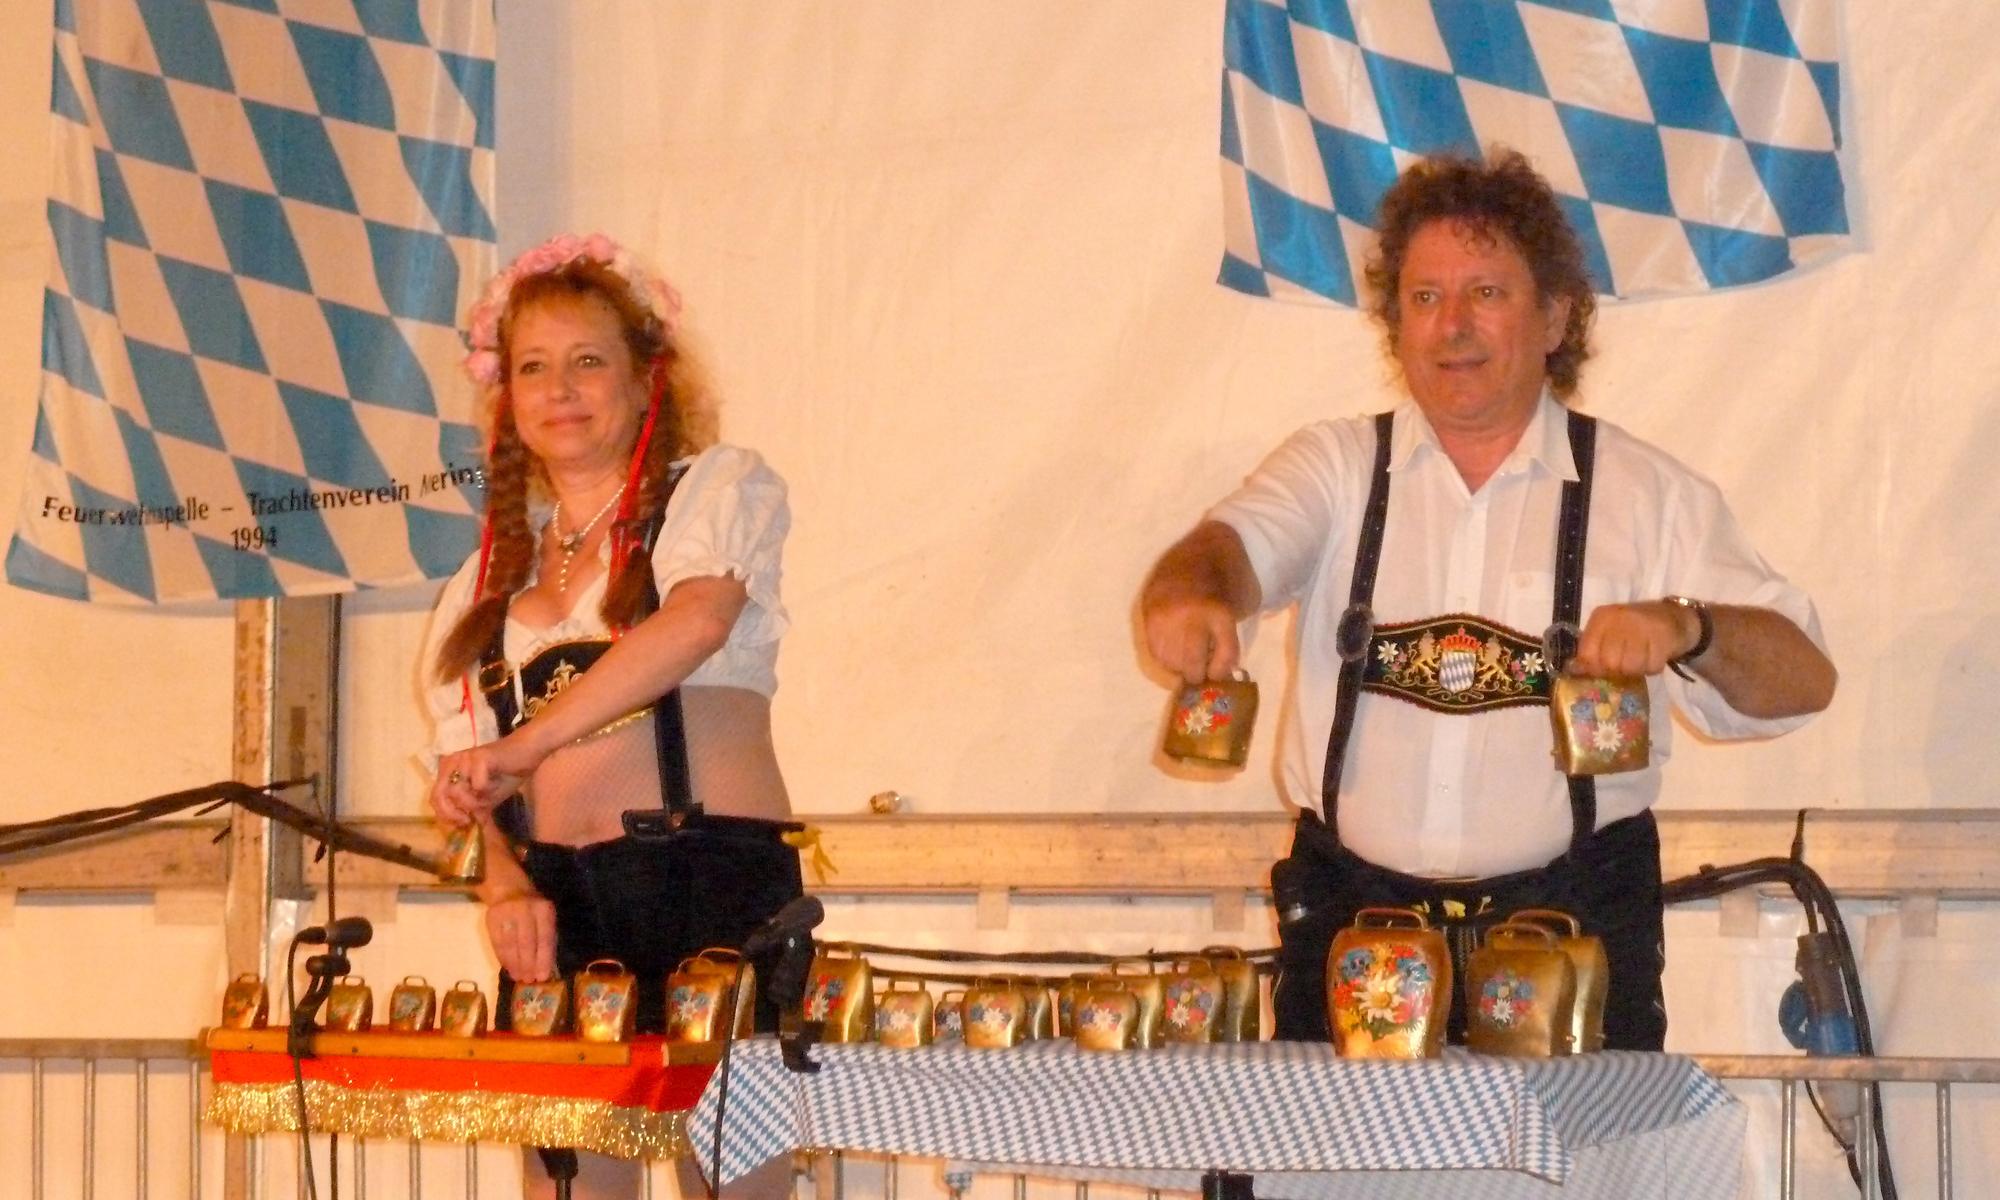 4a Ambérieu 01 Fête de la Bière orchestre bavarois Gallisch Brezel Clarines duo